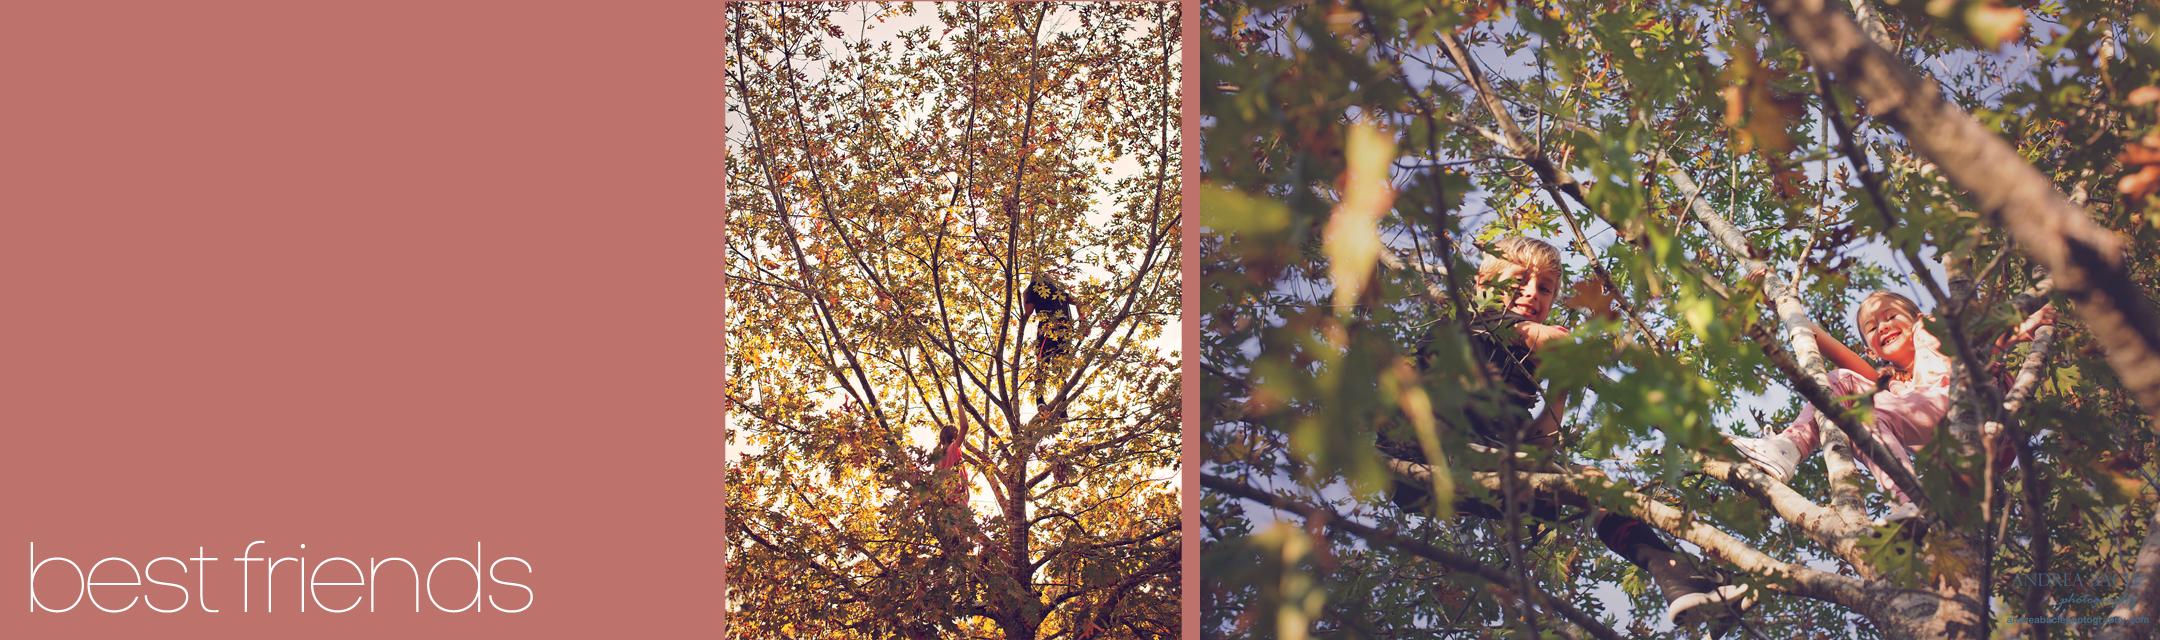 best friends tree climbers